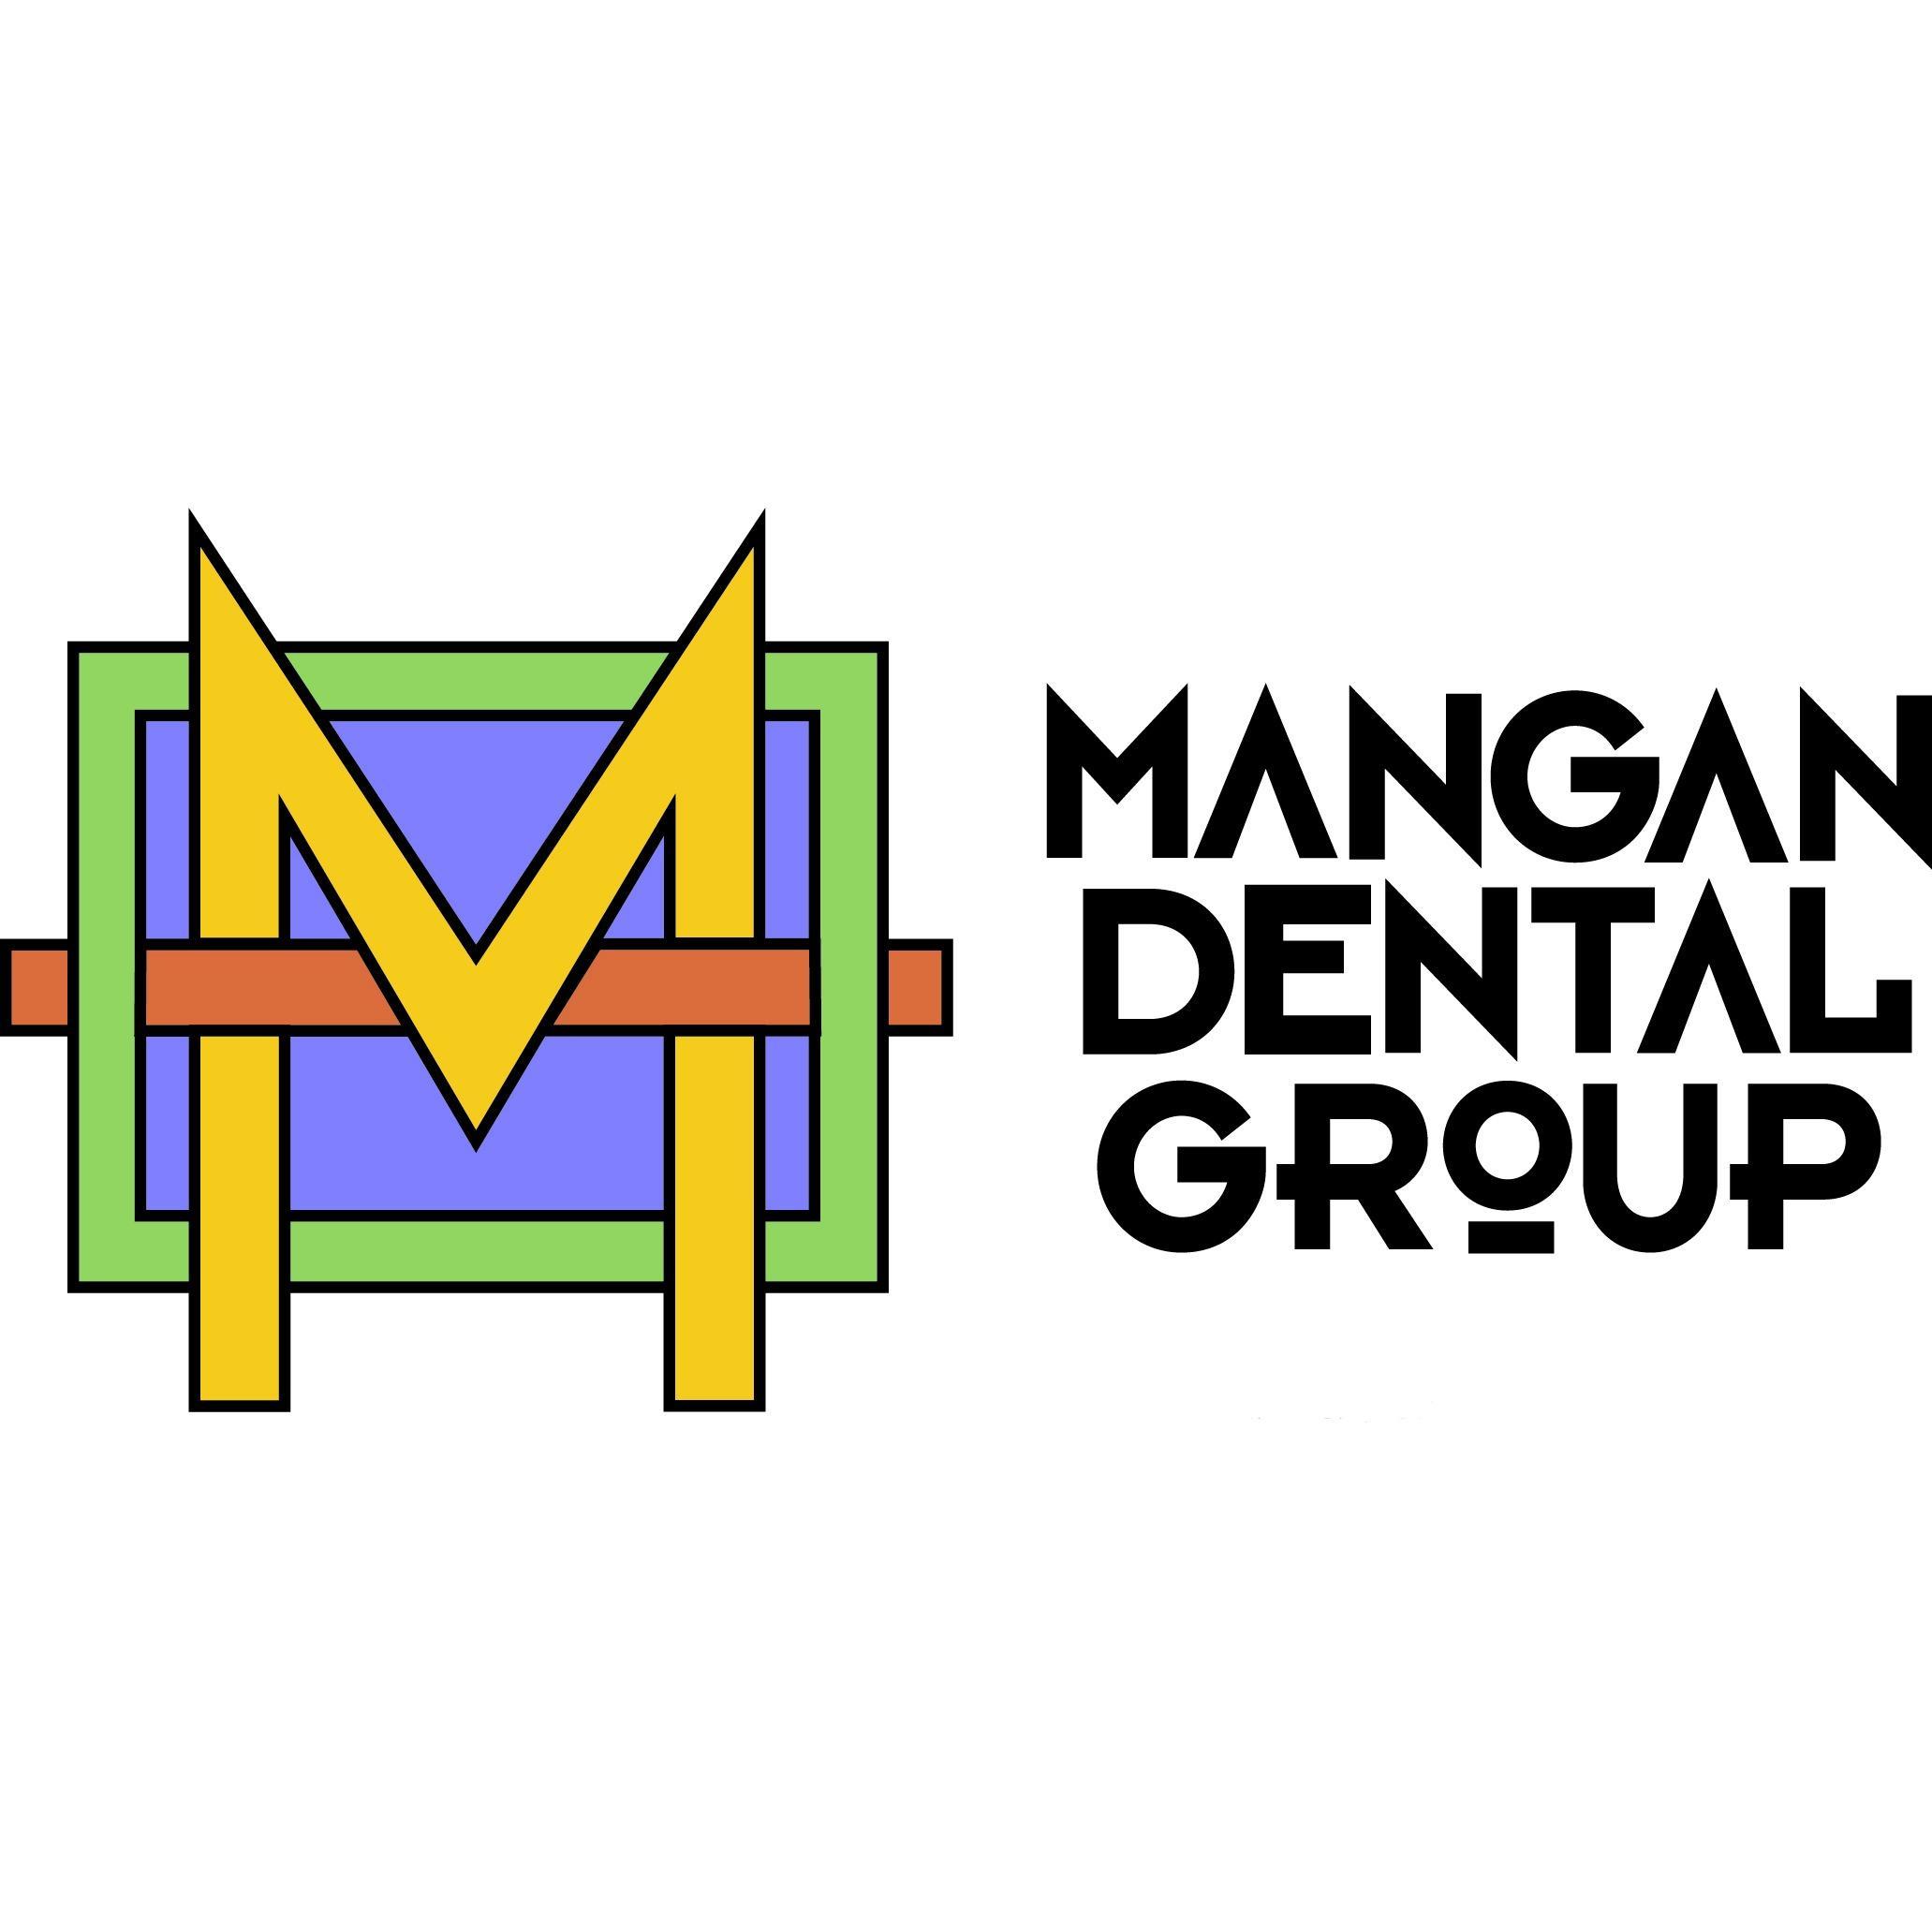 Mangan Dental Group